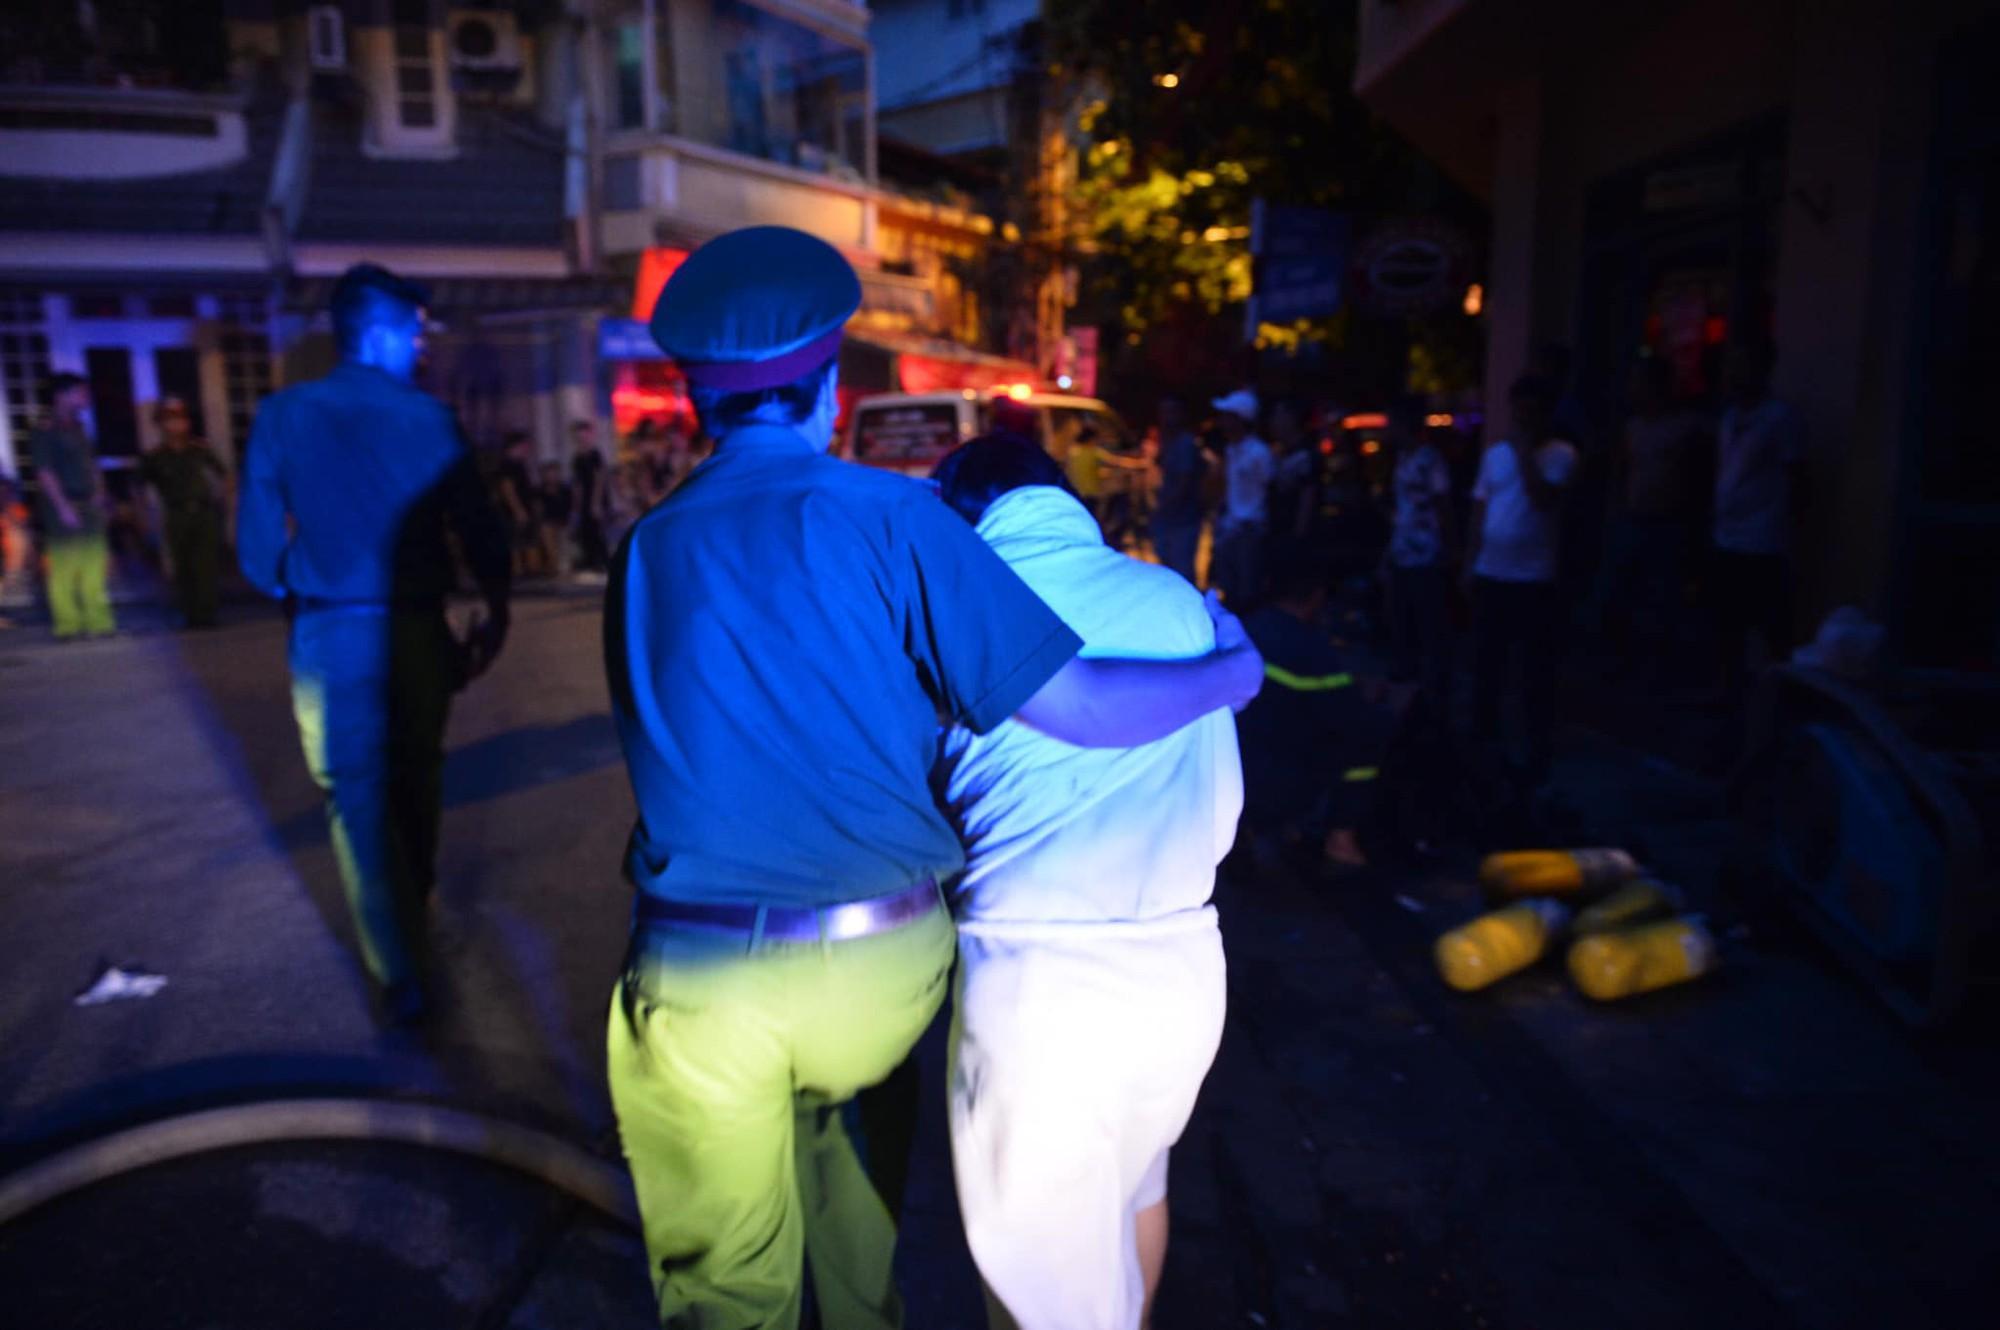 Cháy khách sạn trên phố cổ Hà Nội lúc sáng sớm, nhiều người chỉ kịp choàng khăn tắm hốt hoảng tháo chạy-4